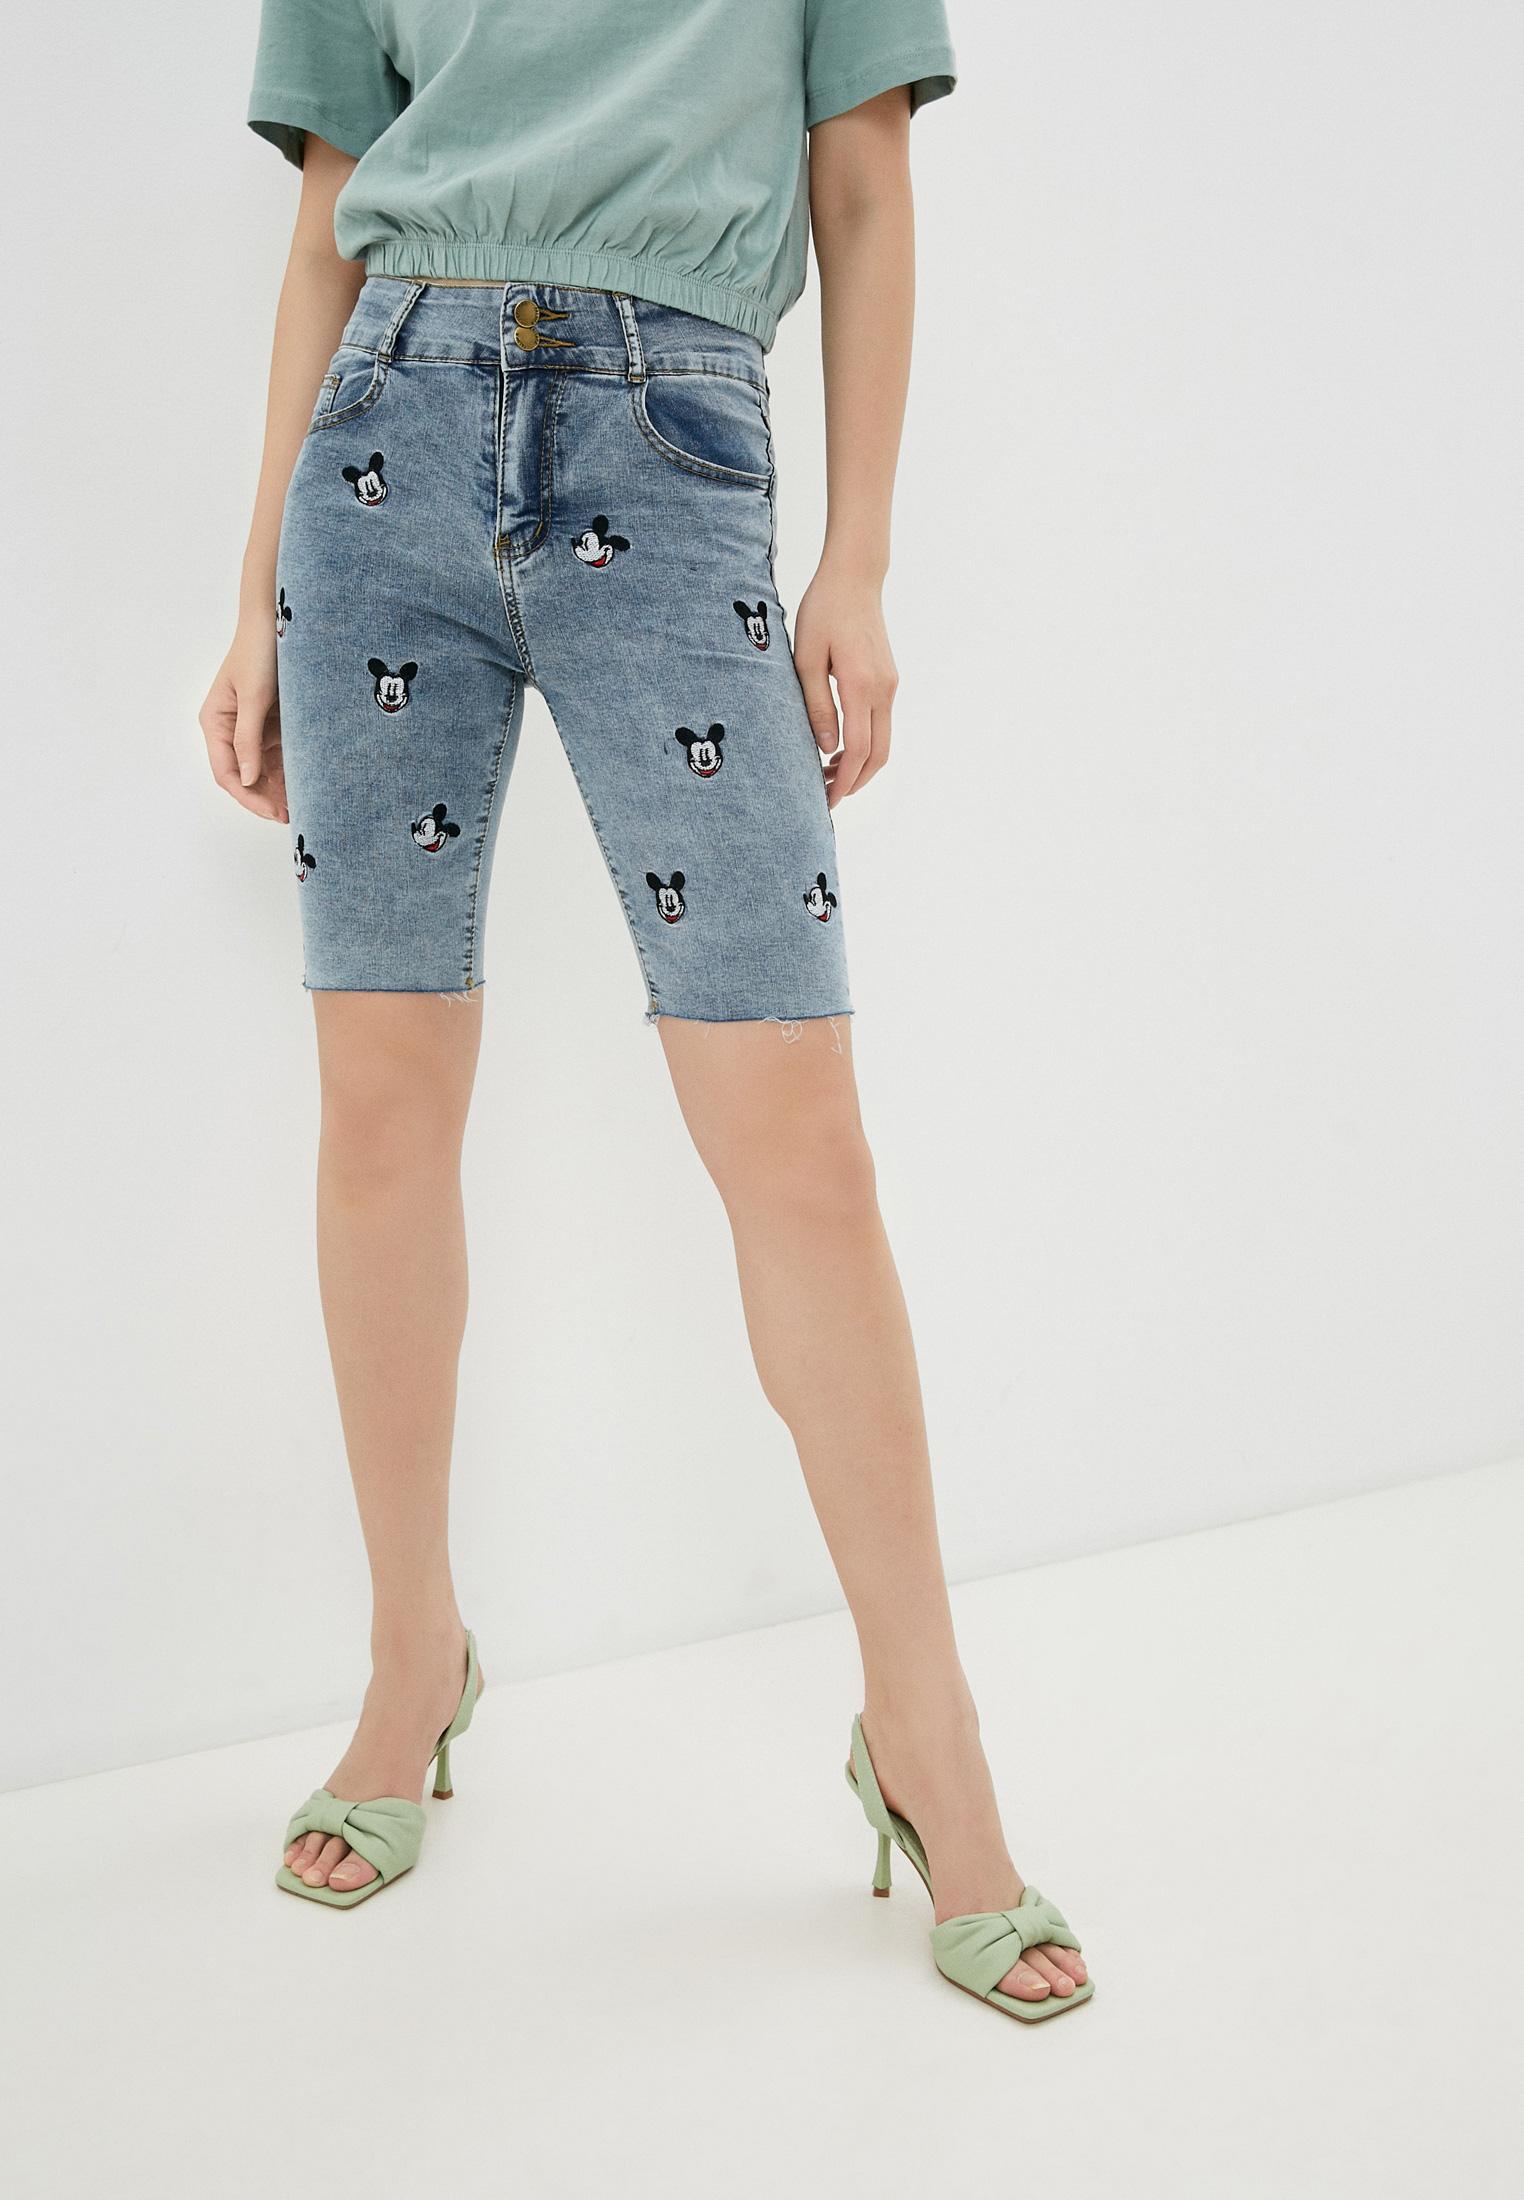 Женские джинсовые шорты Diverius 1140